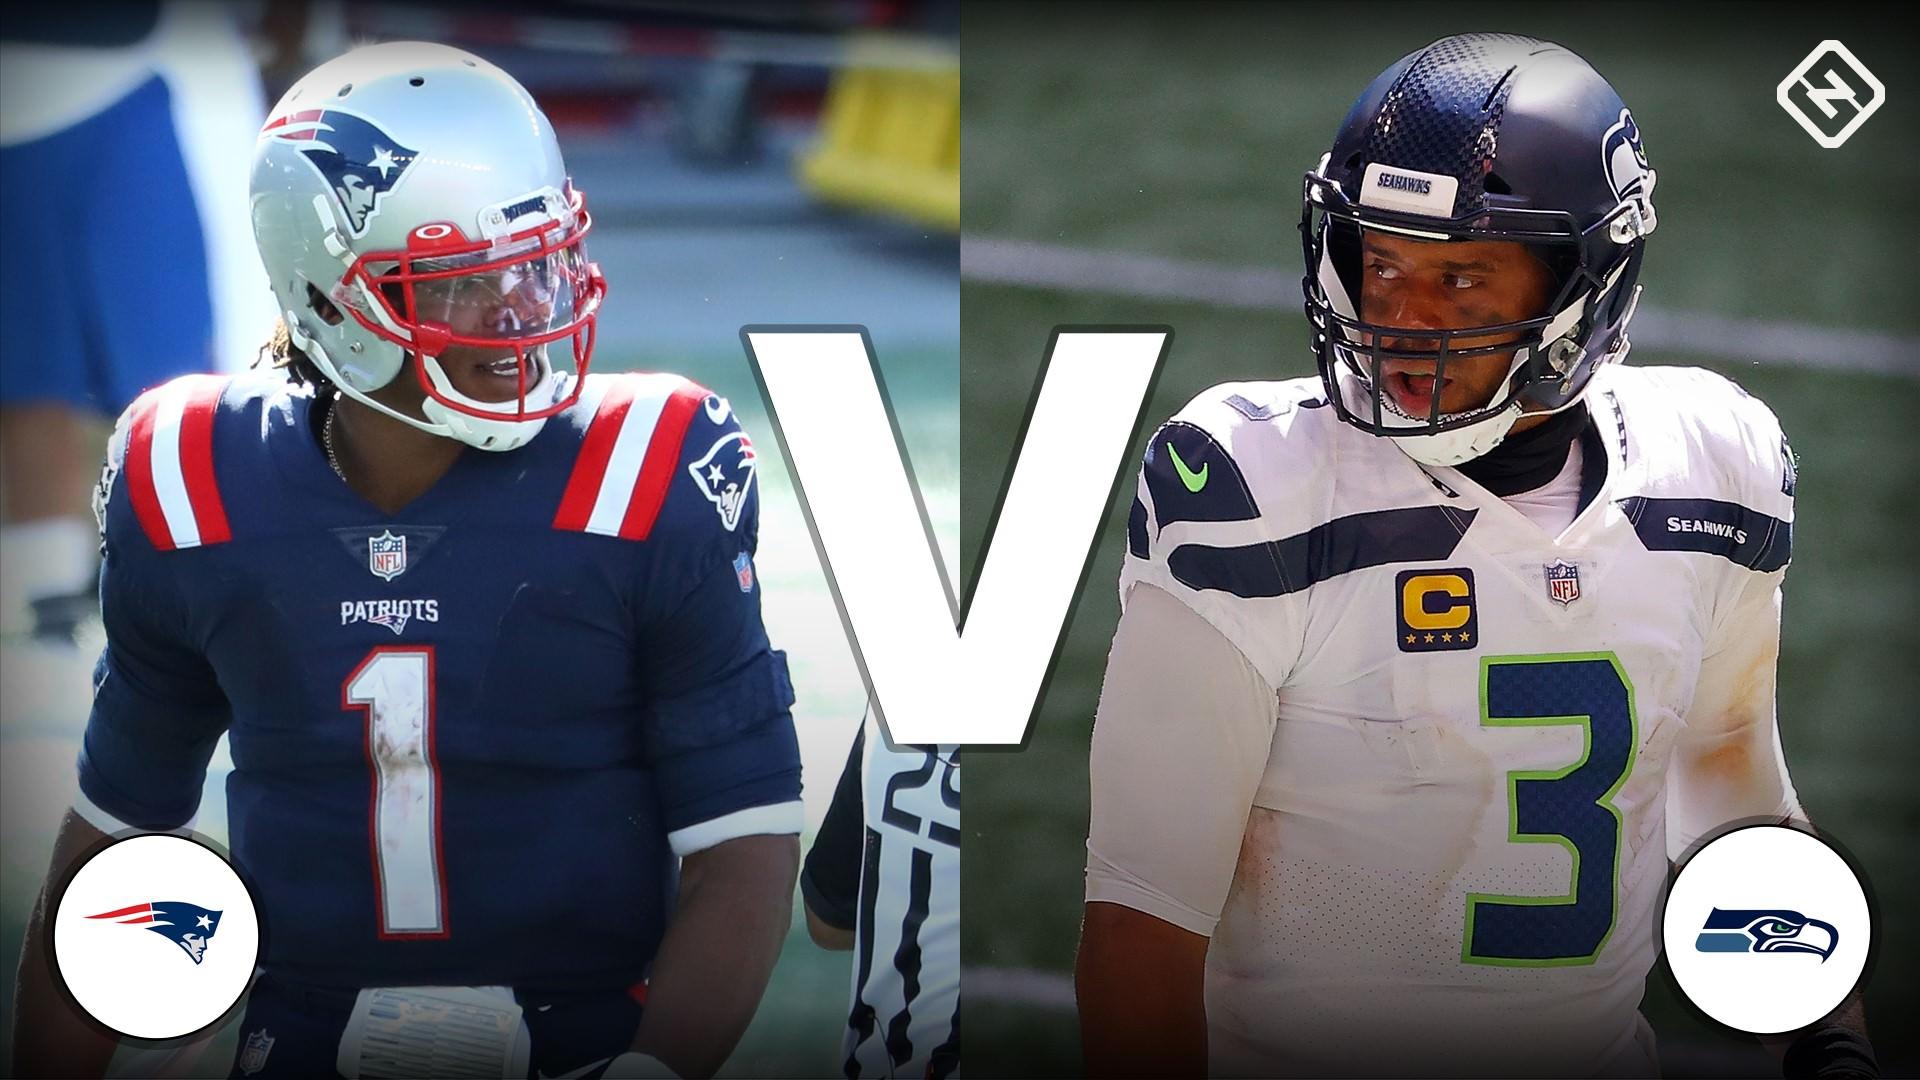 Probabilidades, previsão e tendências de apostas do Patriots vs. Seahawks para o jogo 'Sunday Night Football' da NFL